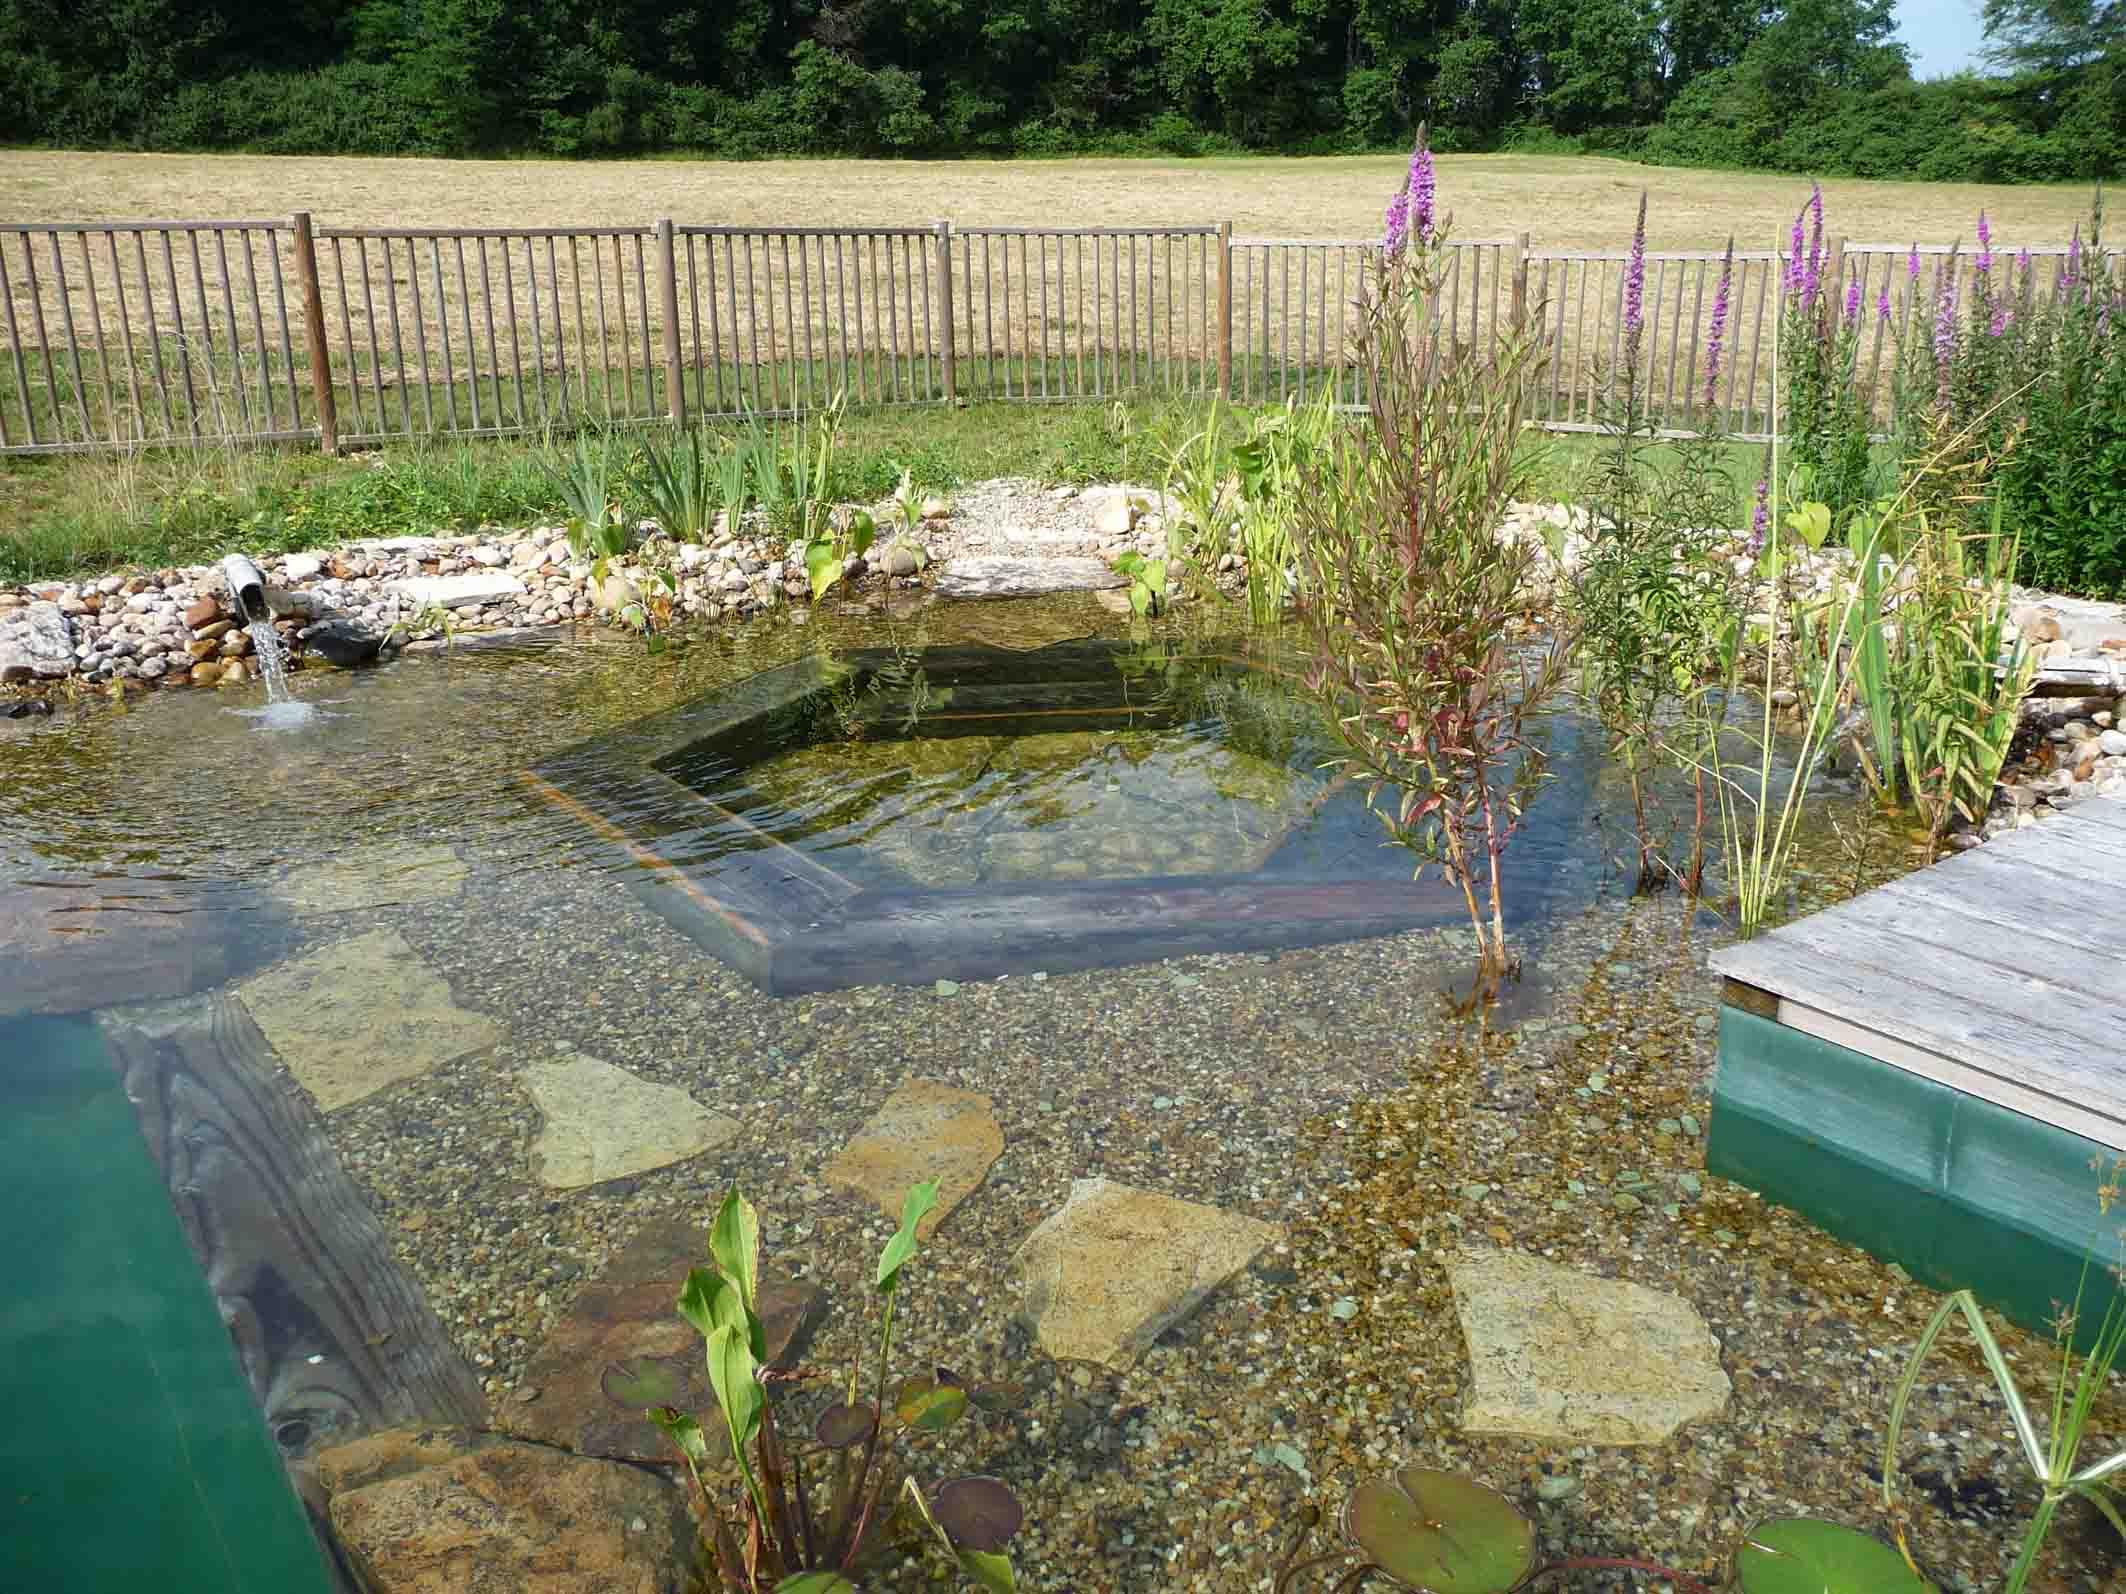 Domaine de fonroques piscine naturelle for Autoconstruction piscine naturelle